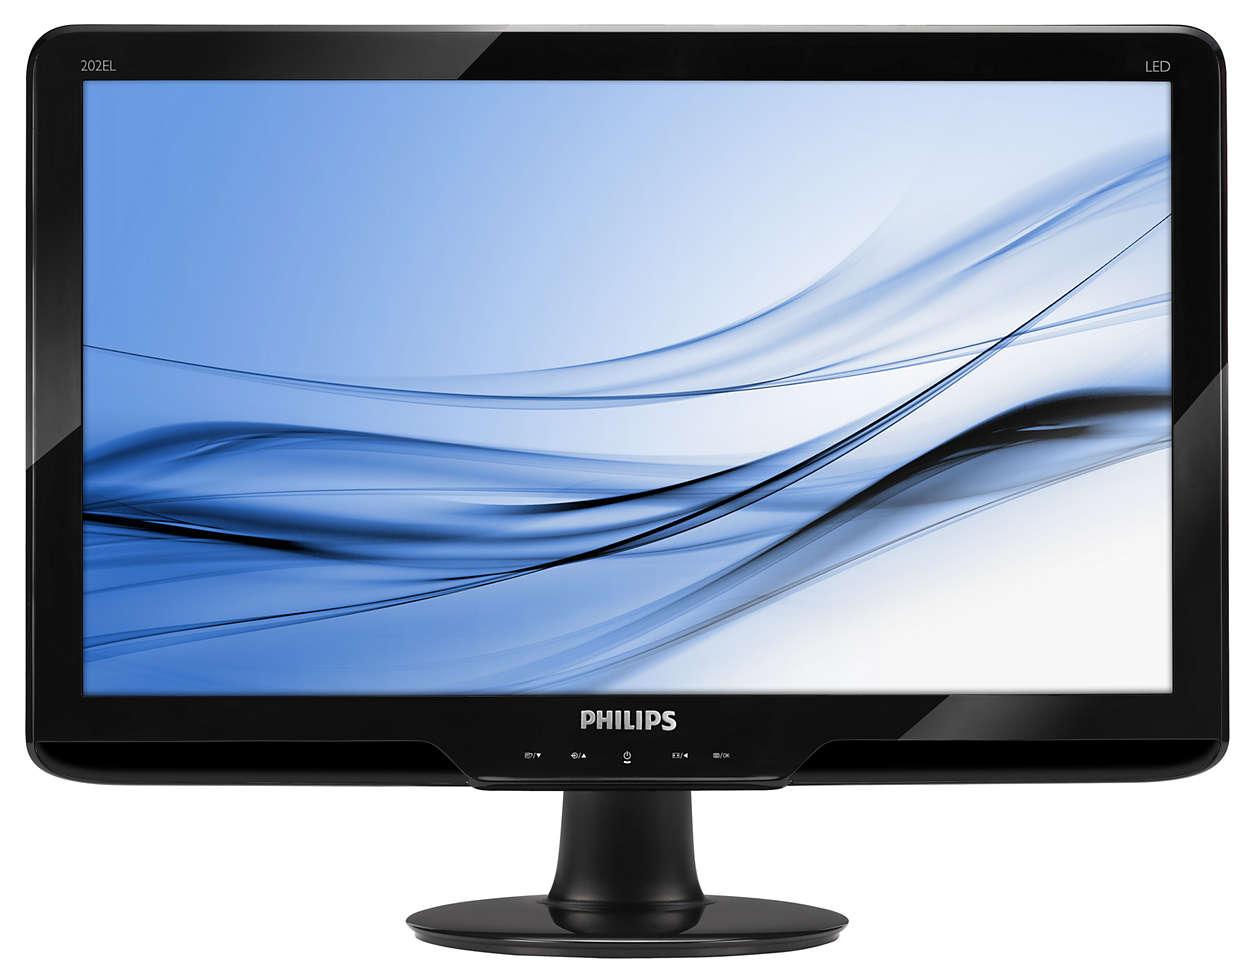 Ecrã HD de 16:9 brilhante com controlos SmartTouch